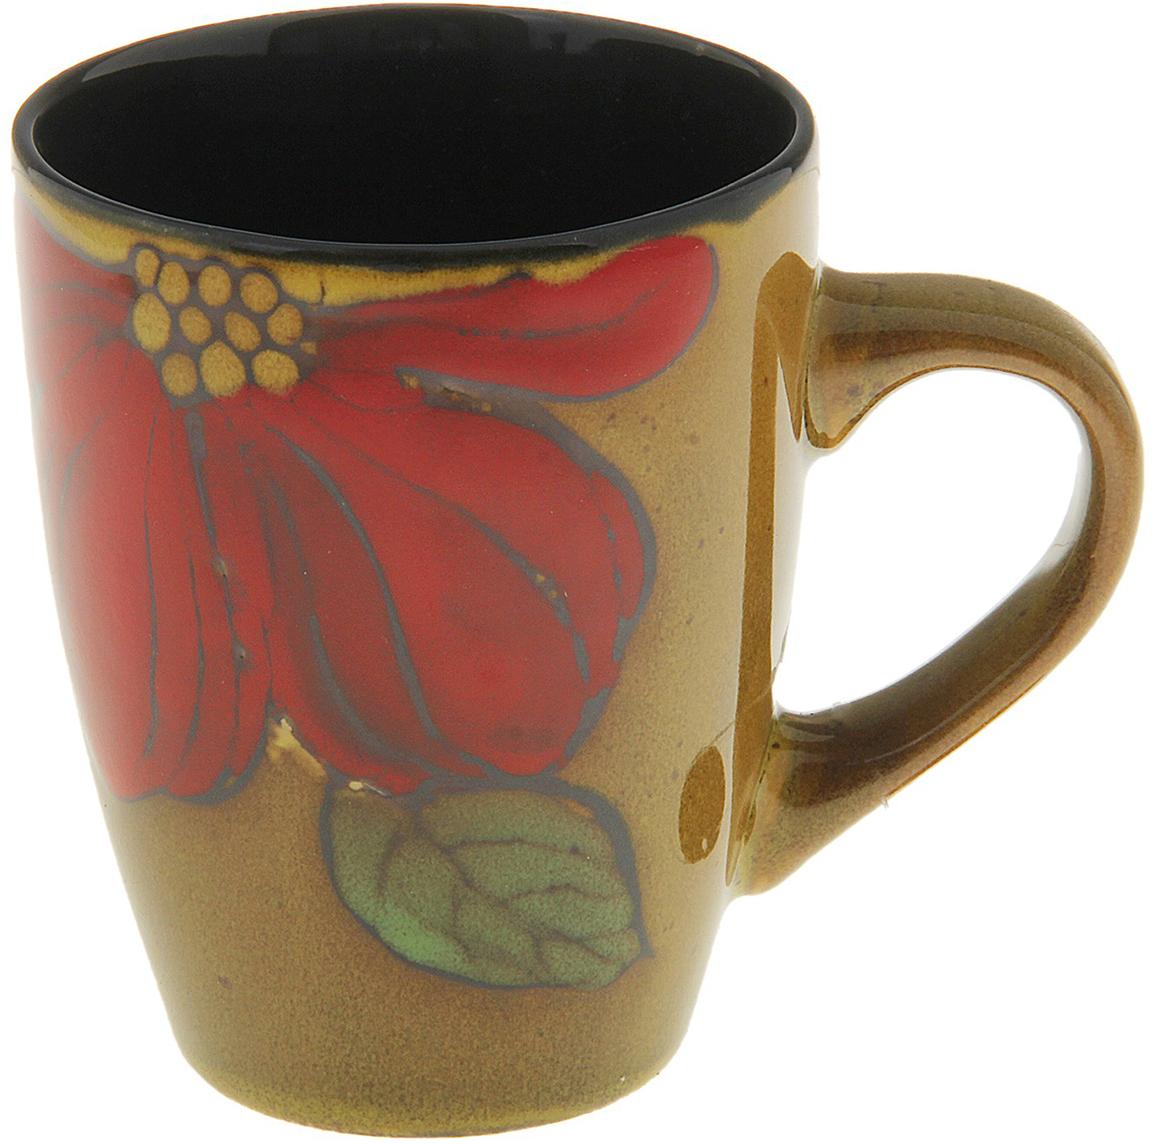 Кружка Командор Муран. Цветок, цвет желтый, 320 мл698217Роскошная коллекция посуды Муран создана для истинных эстетов. Изящные керамические формы украшены цветочными мотивами в приглушенной цветовой гамме. Функциональные предметы в стильном обрамлении станут вашими фаворитами на посудной полке и будут служить гармоничным украшением обеденного или рабочего стола. В каталоге нашего интернет-магазина представлен невероятный выбор кружек разных форм и расцветок по выгодным ценам. Закажите понравившееся изделие прямо сейчас и станьте обладателем верного помощника на долгие годы.